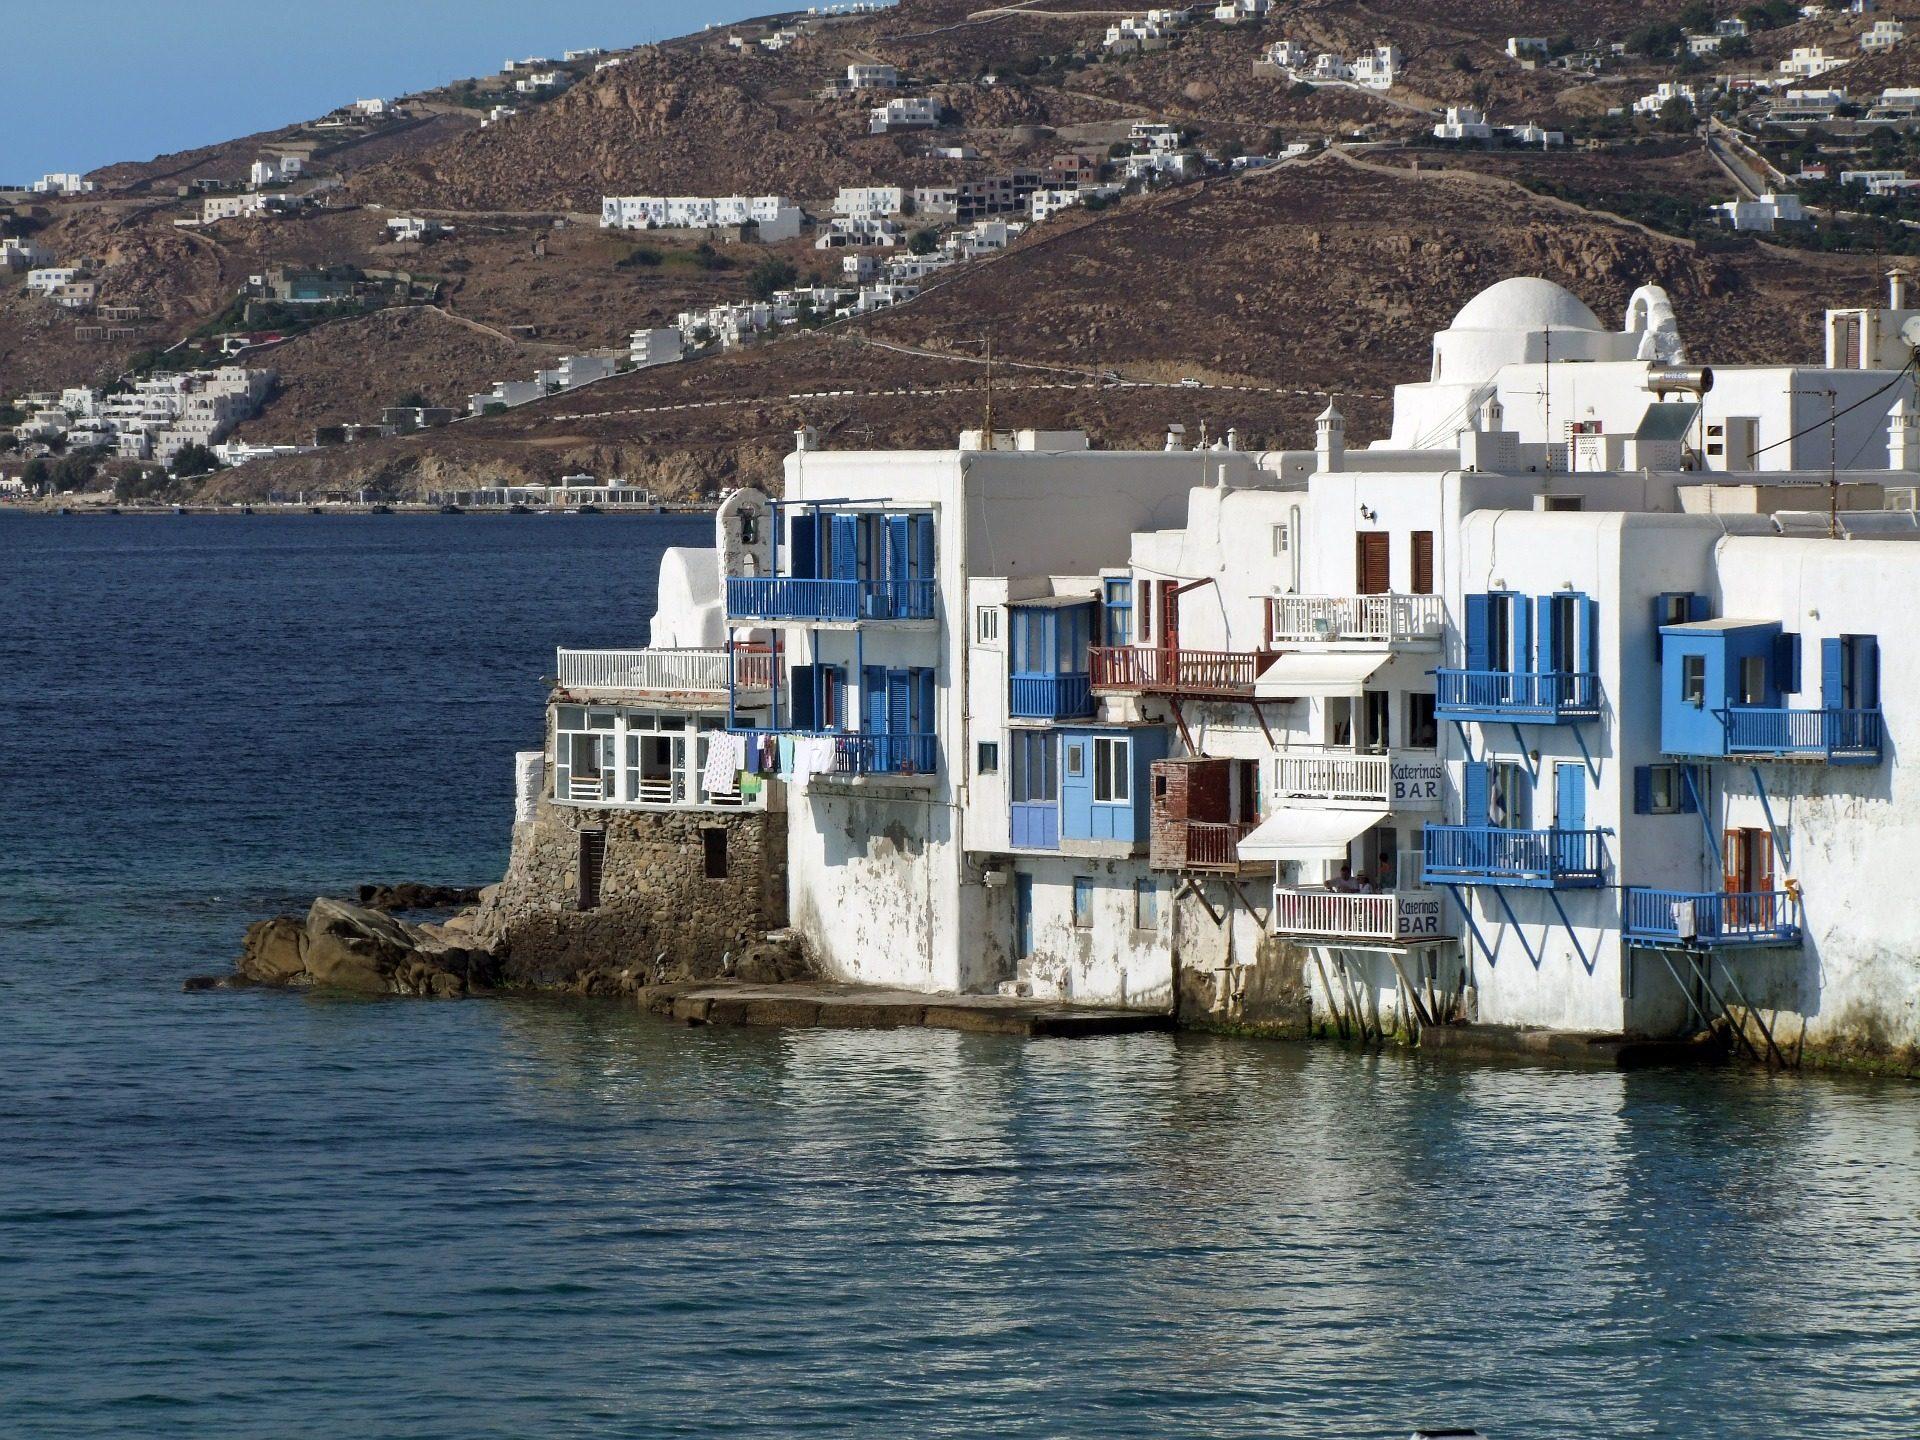 vila, Mar, casas, Montanha, Míconos, Grécia - Papéis de parede HD - Professor-falken.com